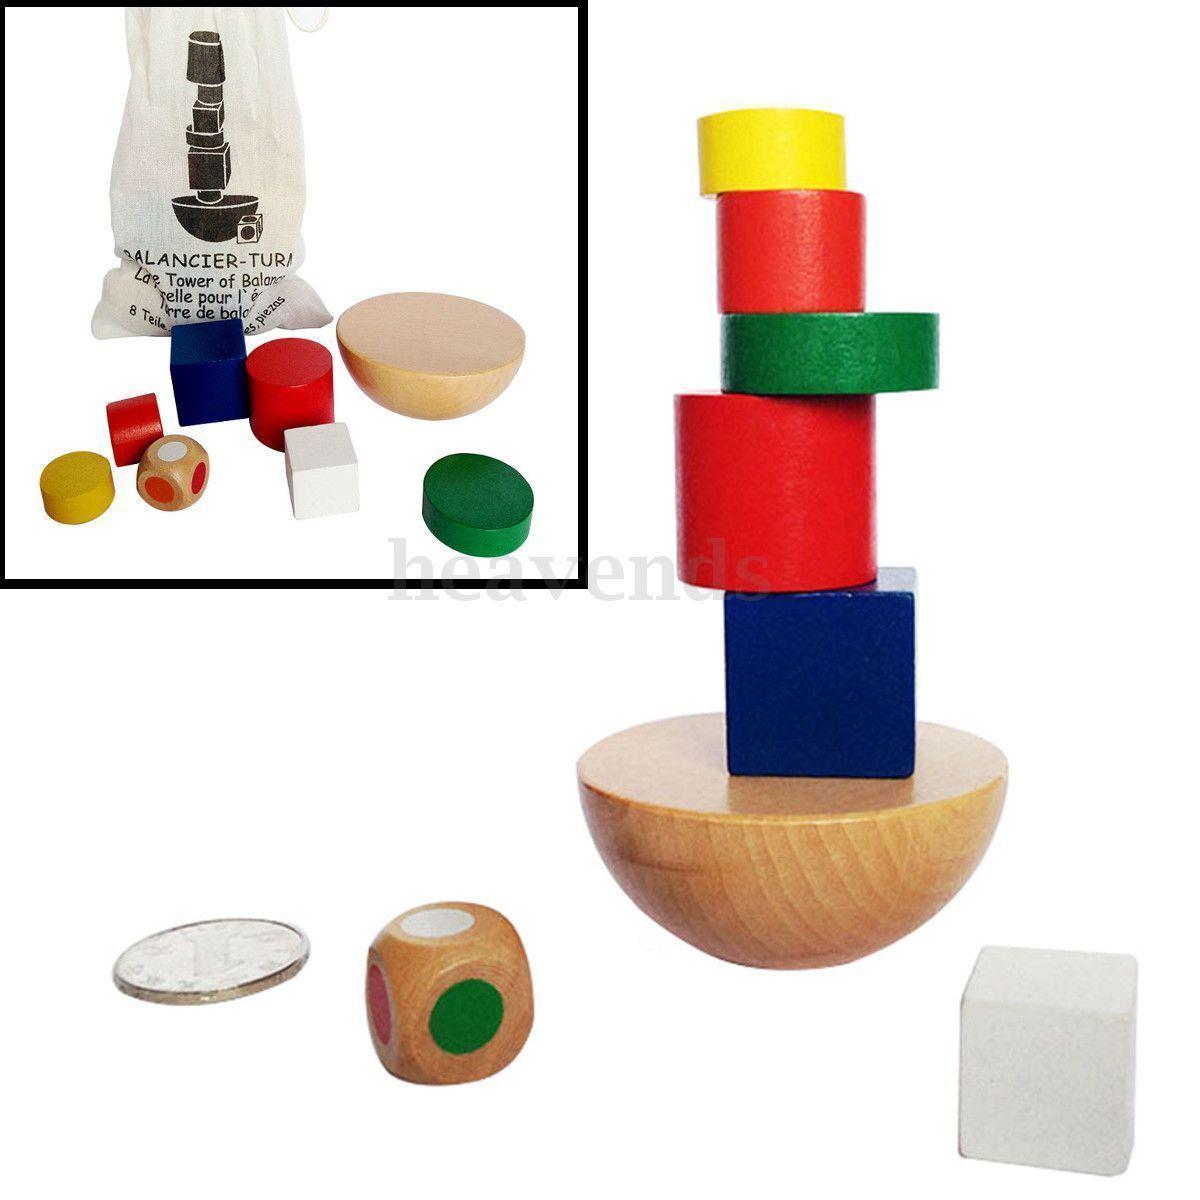 Bloc Cube Construction En Bois Jouet Equilibre Brique Sac destiné Casse Brique Enfant